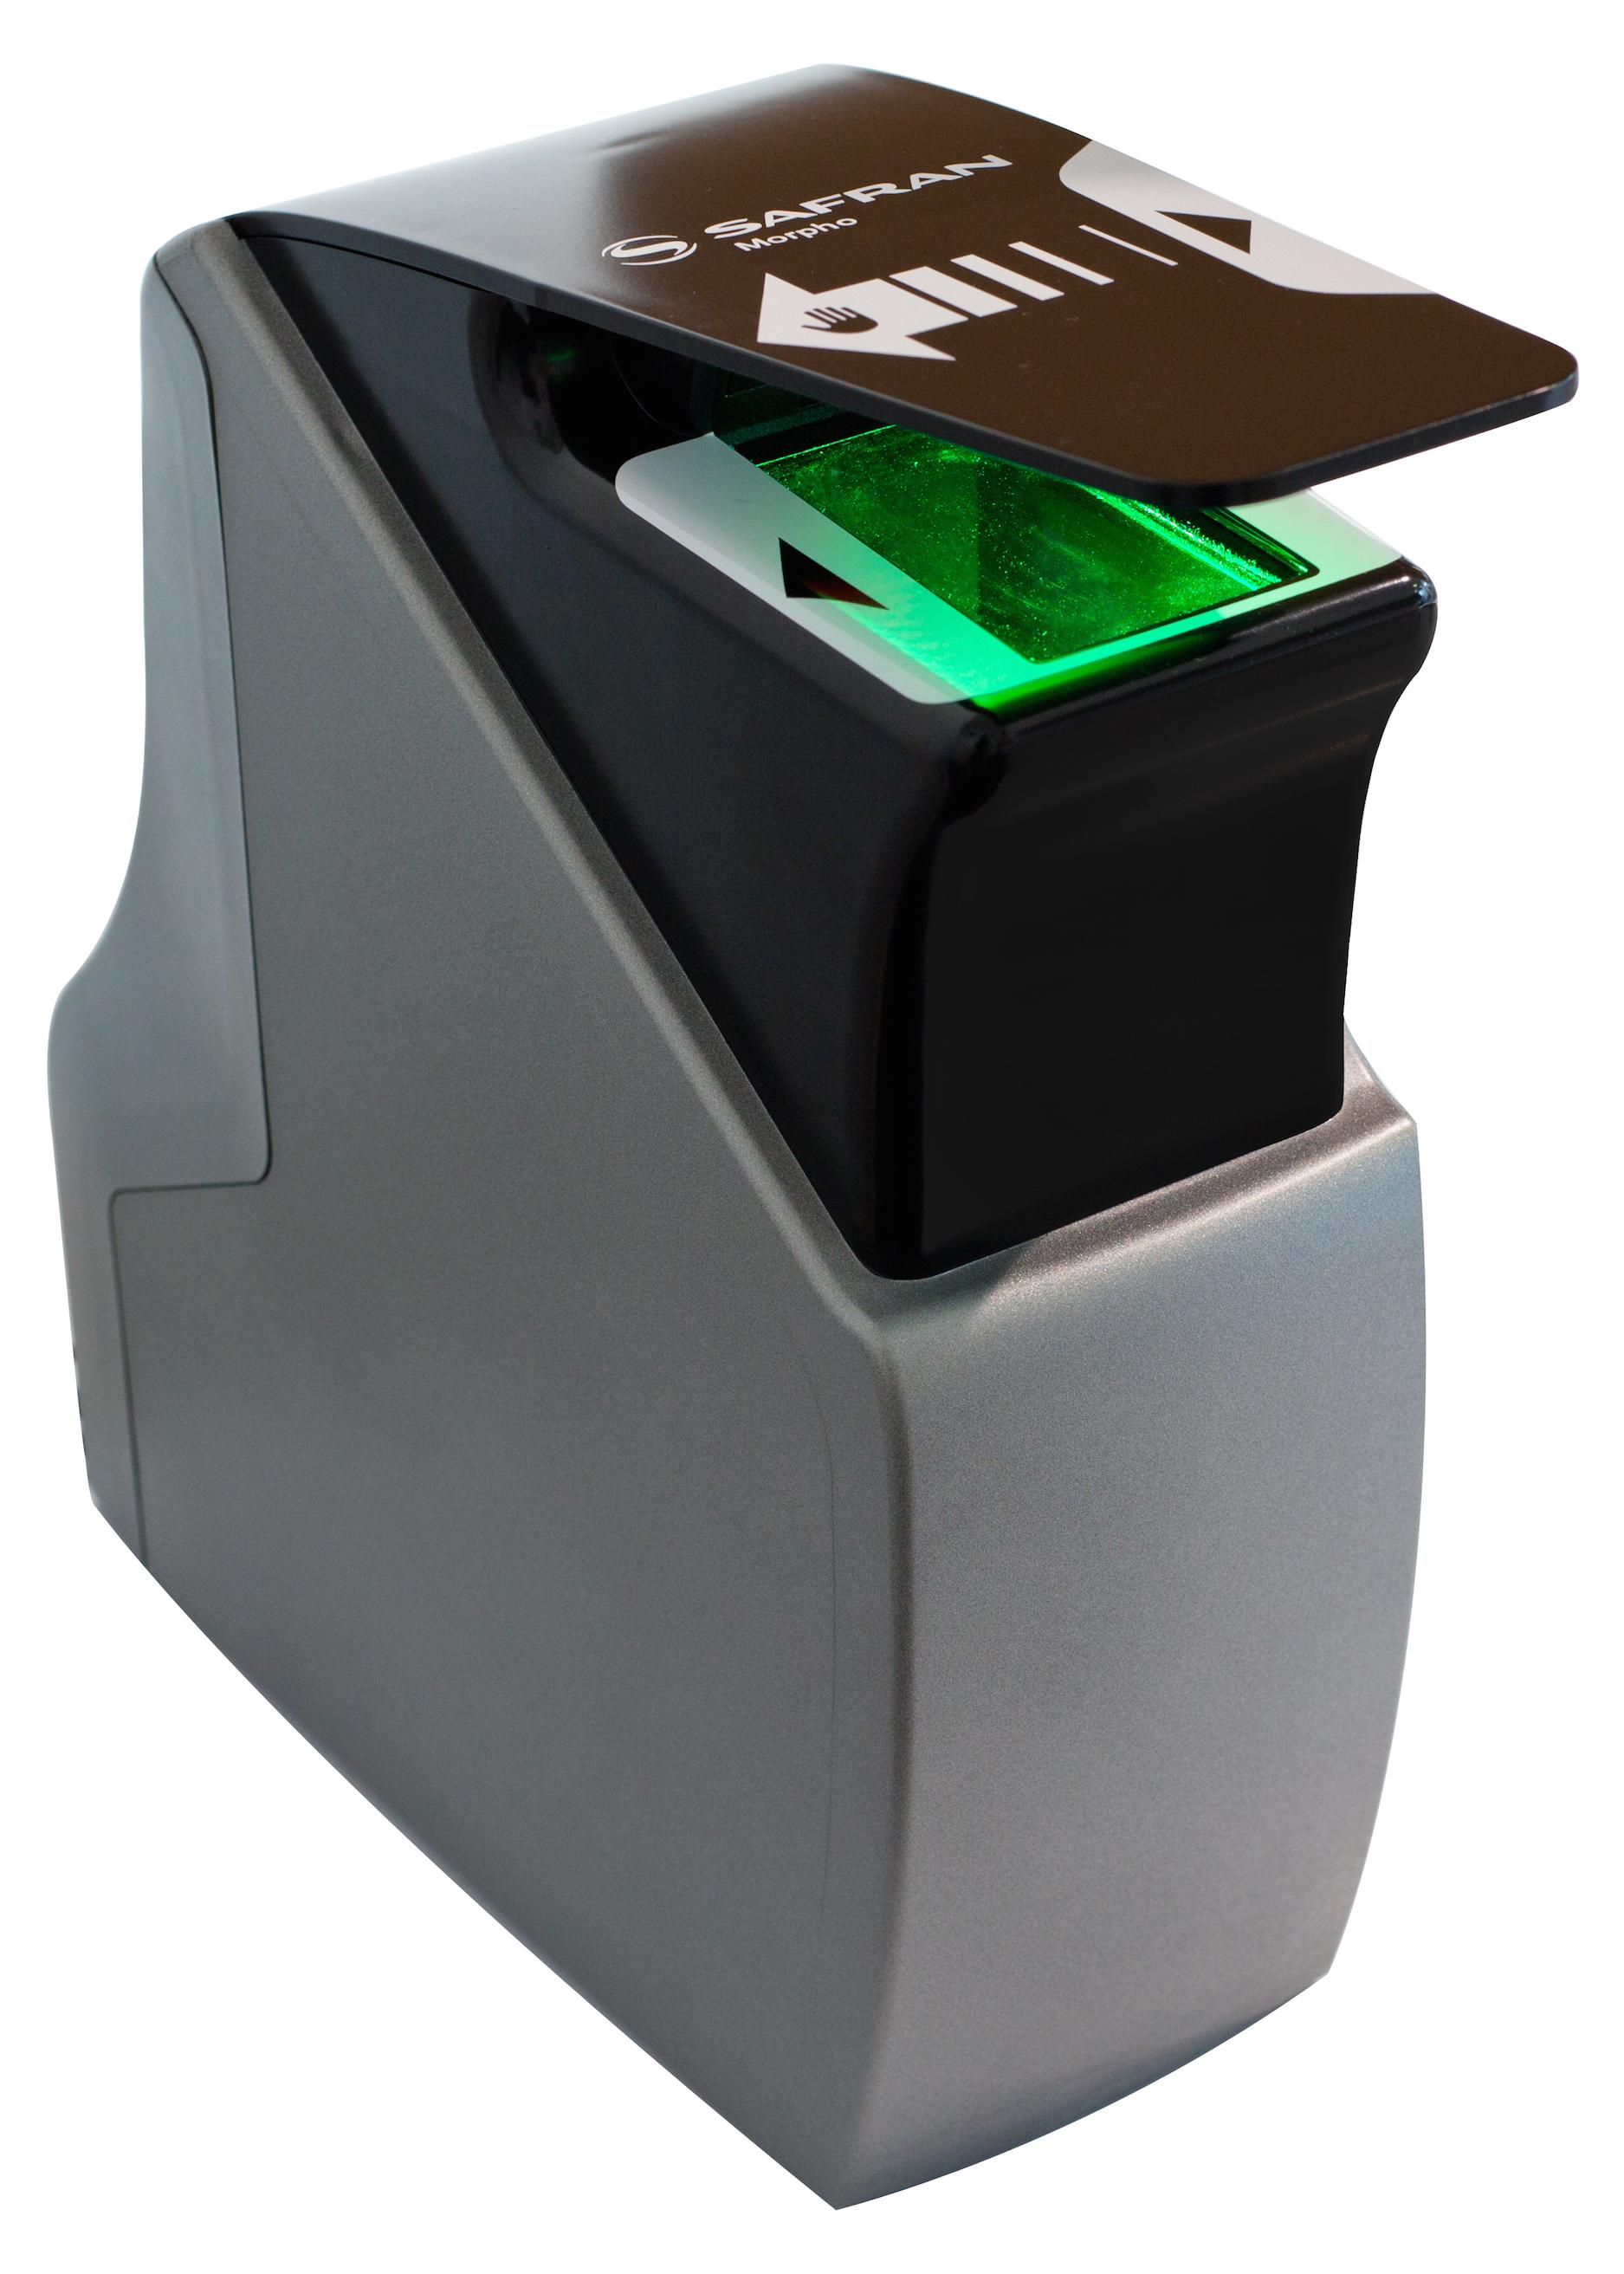 Morpho unveils touchless fingerprint scanner, Milestone for TSA's